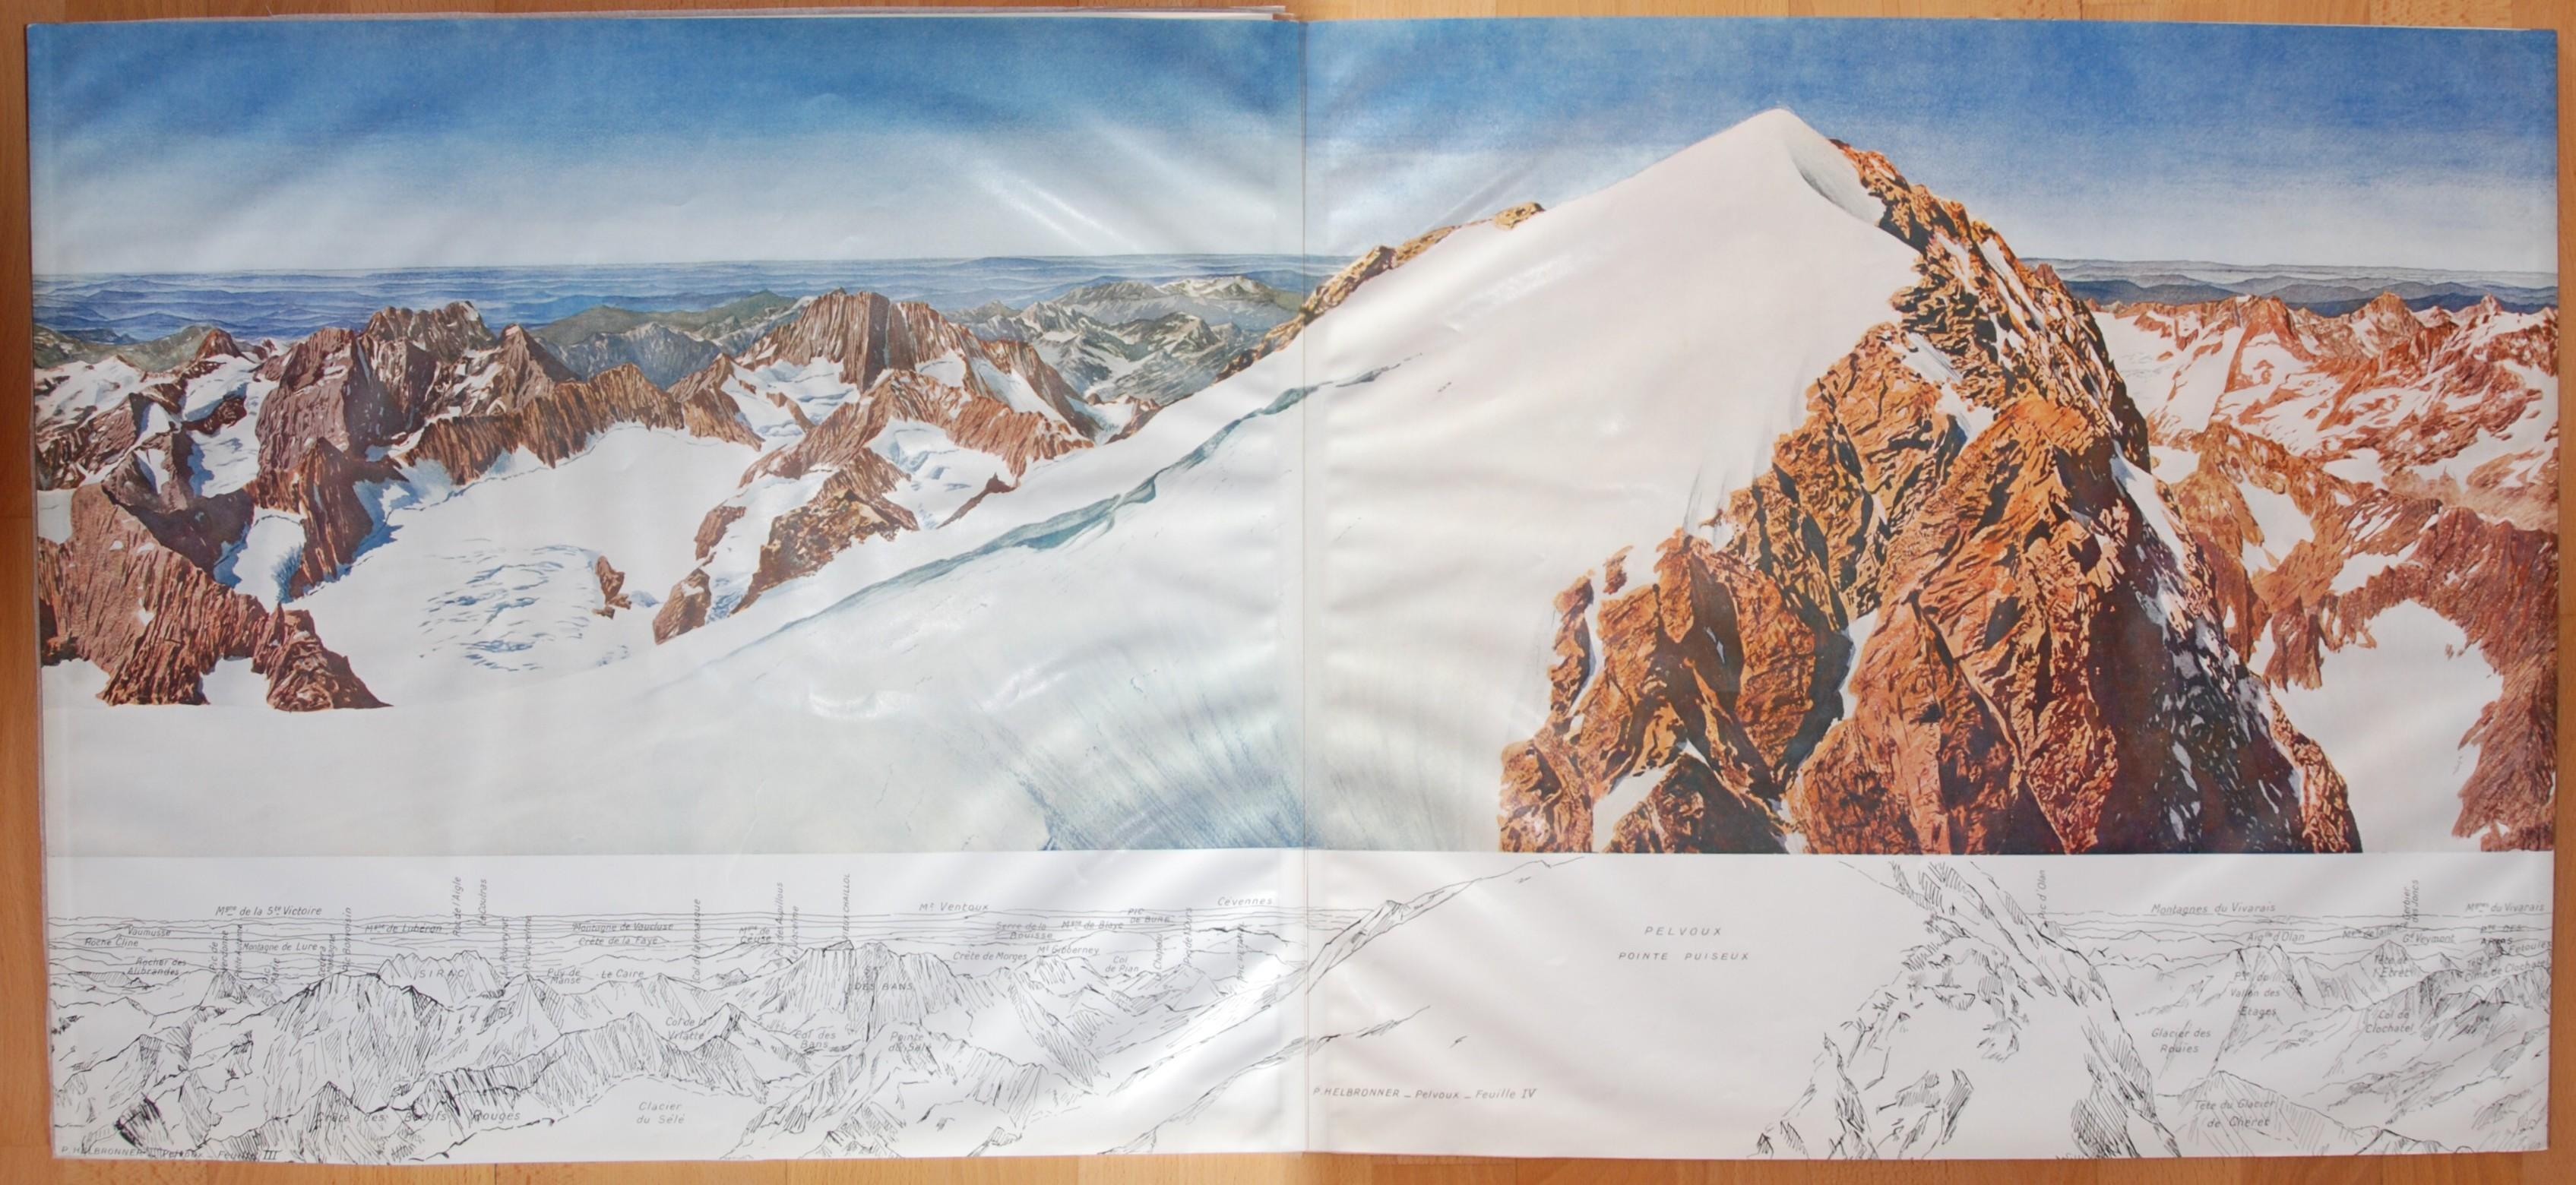 Bibliothèque dauphinoise : Tour d'horizon complet du sommet